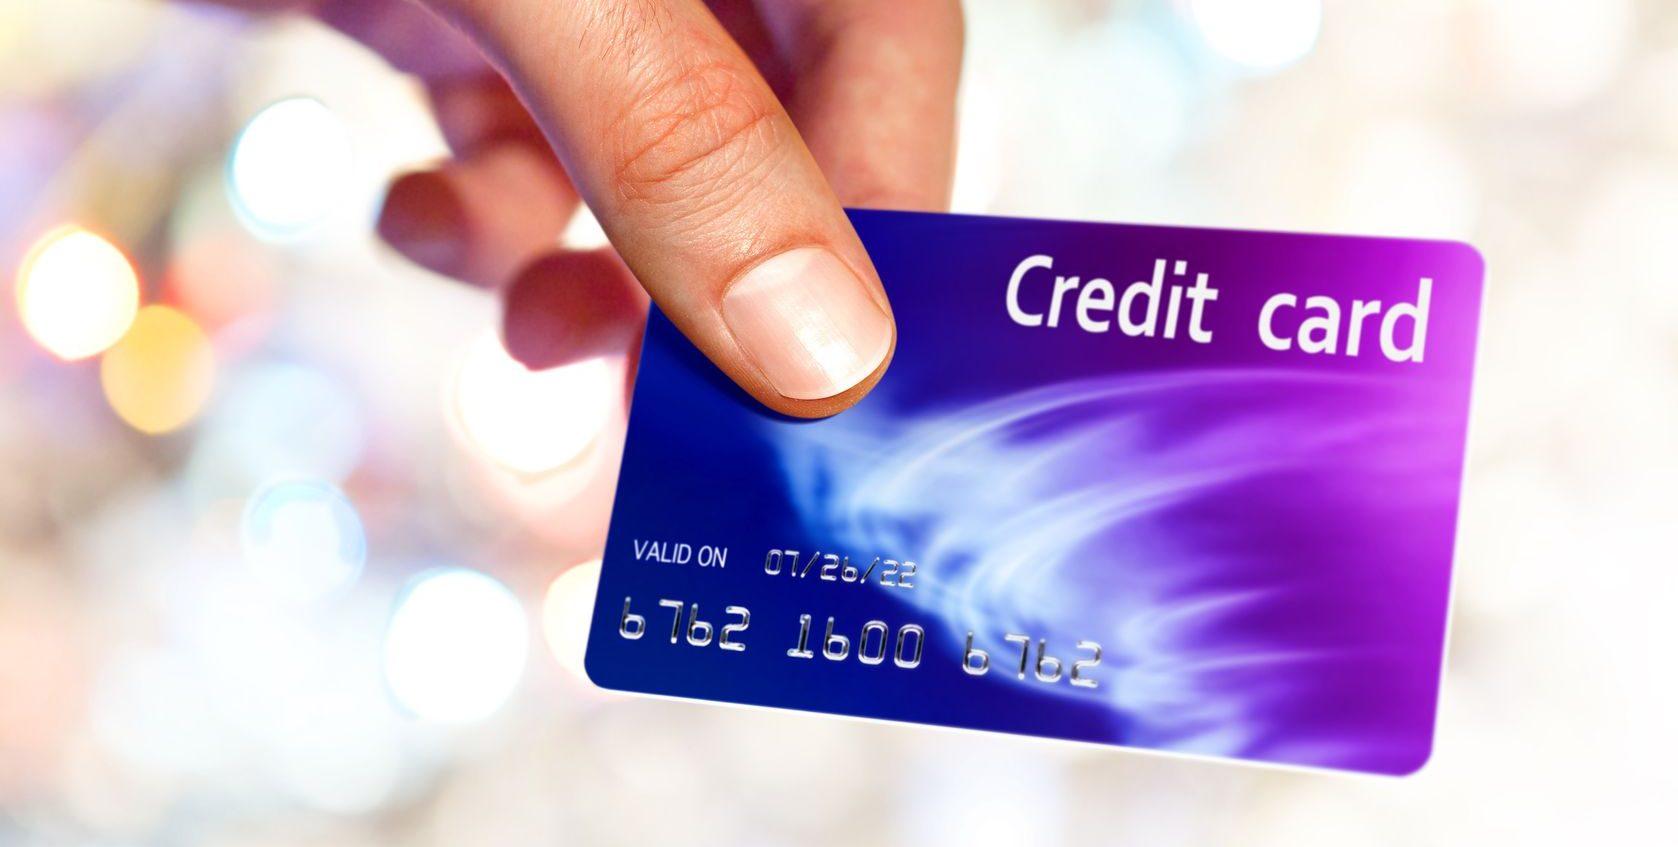 Как можно использовать кредитную карту с пользой для себя?